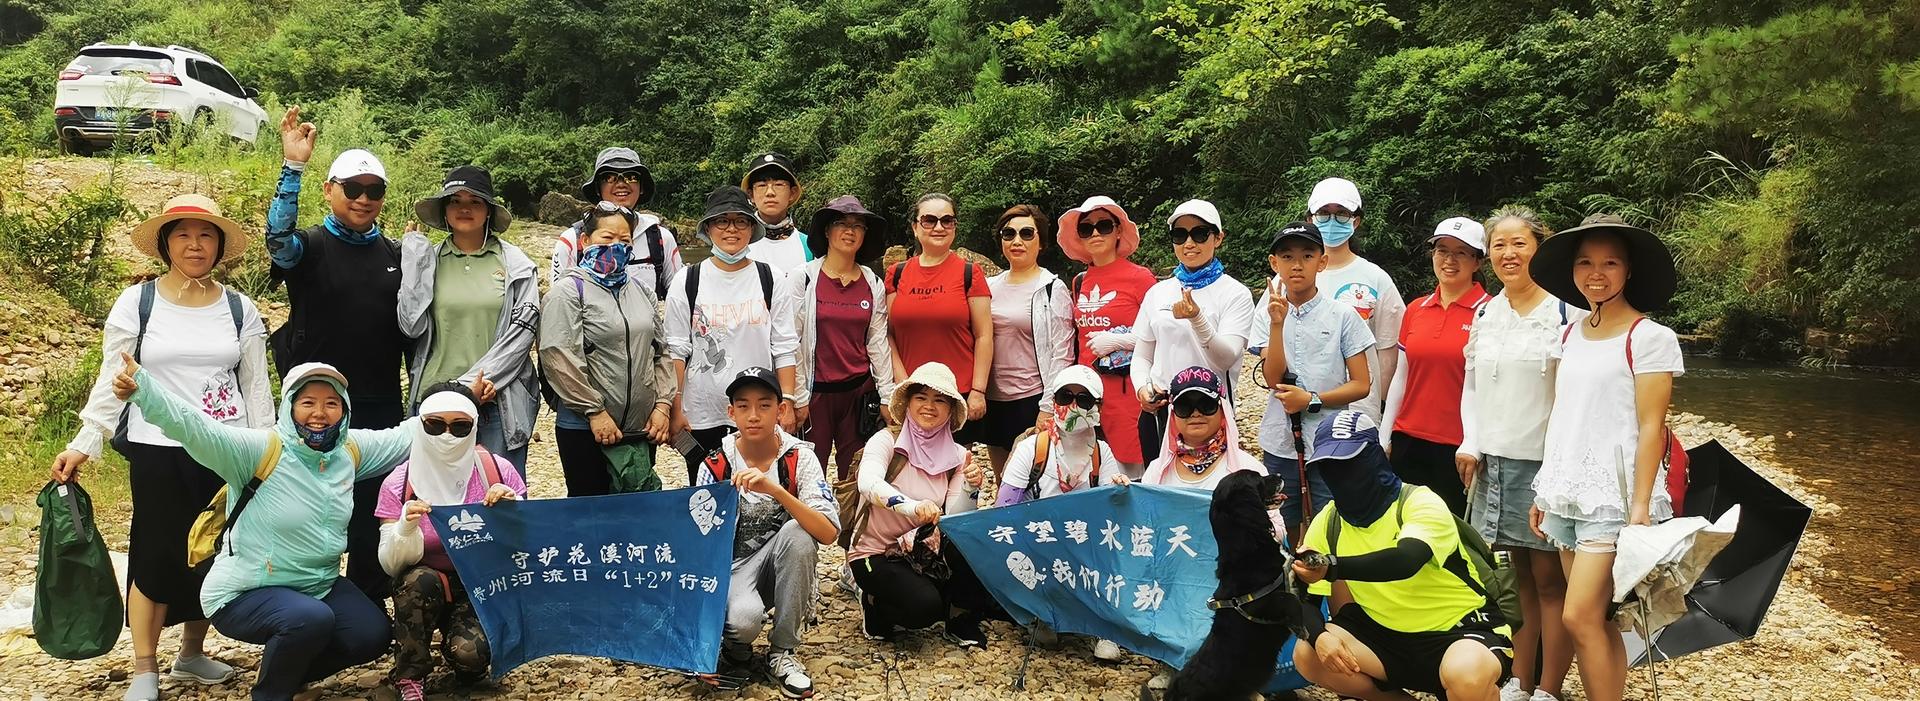 贵州河流日